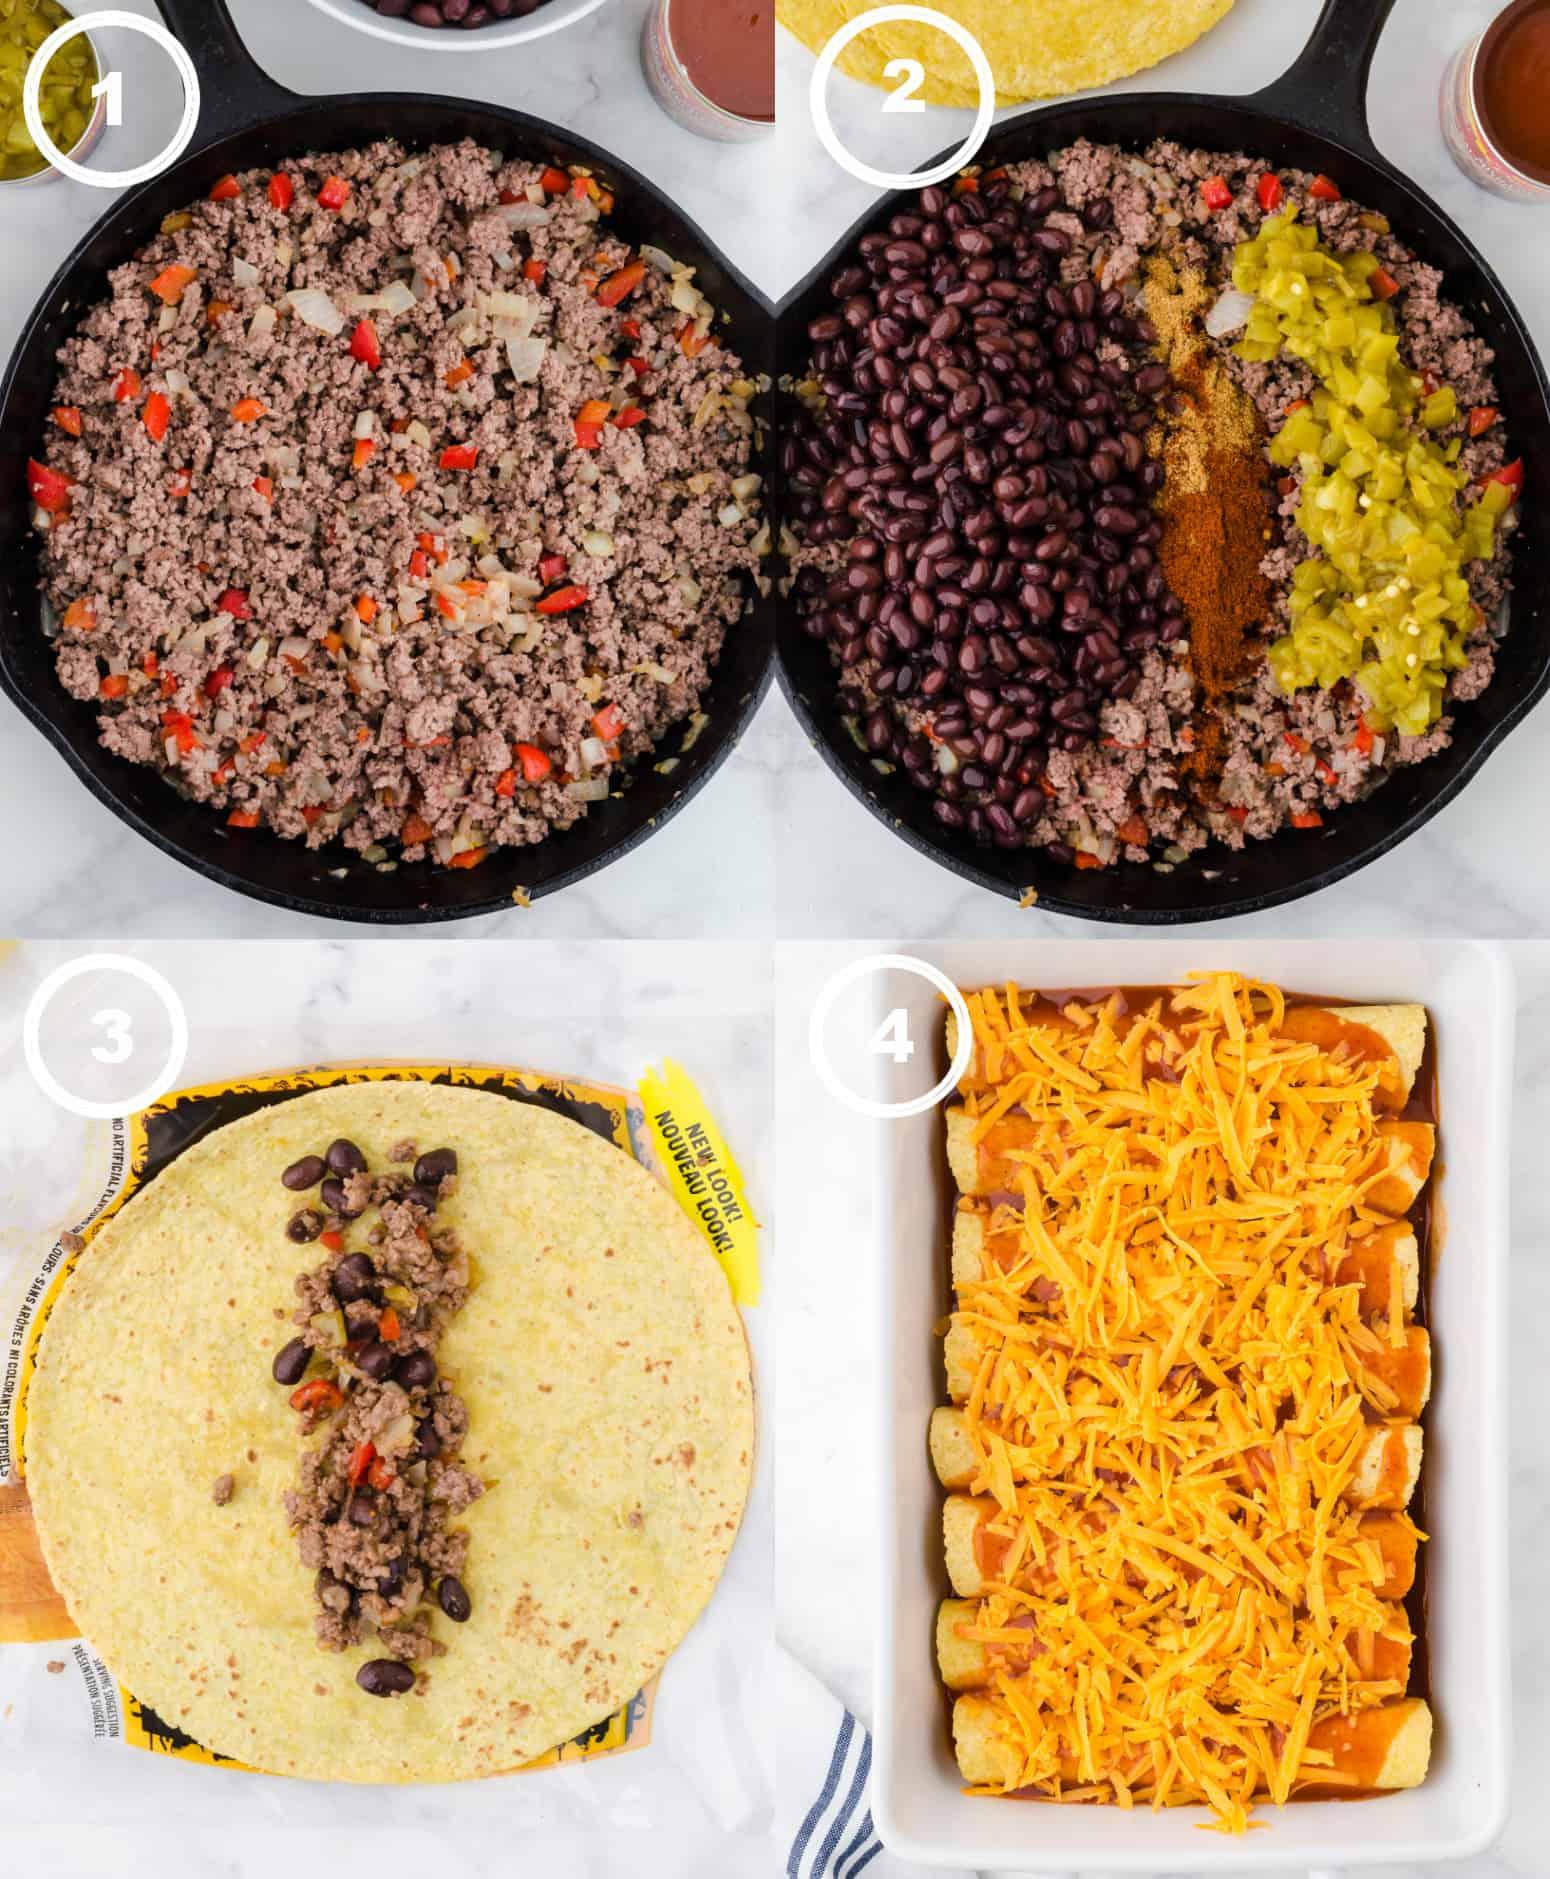 Patru procese foto.  Primele, carne de vită măcinată și ardei gătite într-o tigaie din fontă.  În al doilea rând, fasolea neagră și condimentele adăugate în tigaie.  În al treilea rând, un amestec de carne de vită adăugat la o tortilla de porumb.  În al patrulea rând, enchiladas rulate plasate într-un vas de copt cu sos enchilada și brânză așezată deasupra.